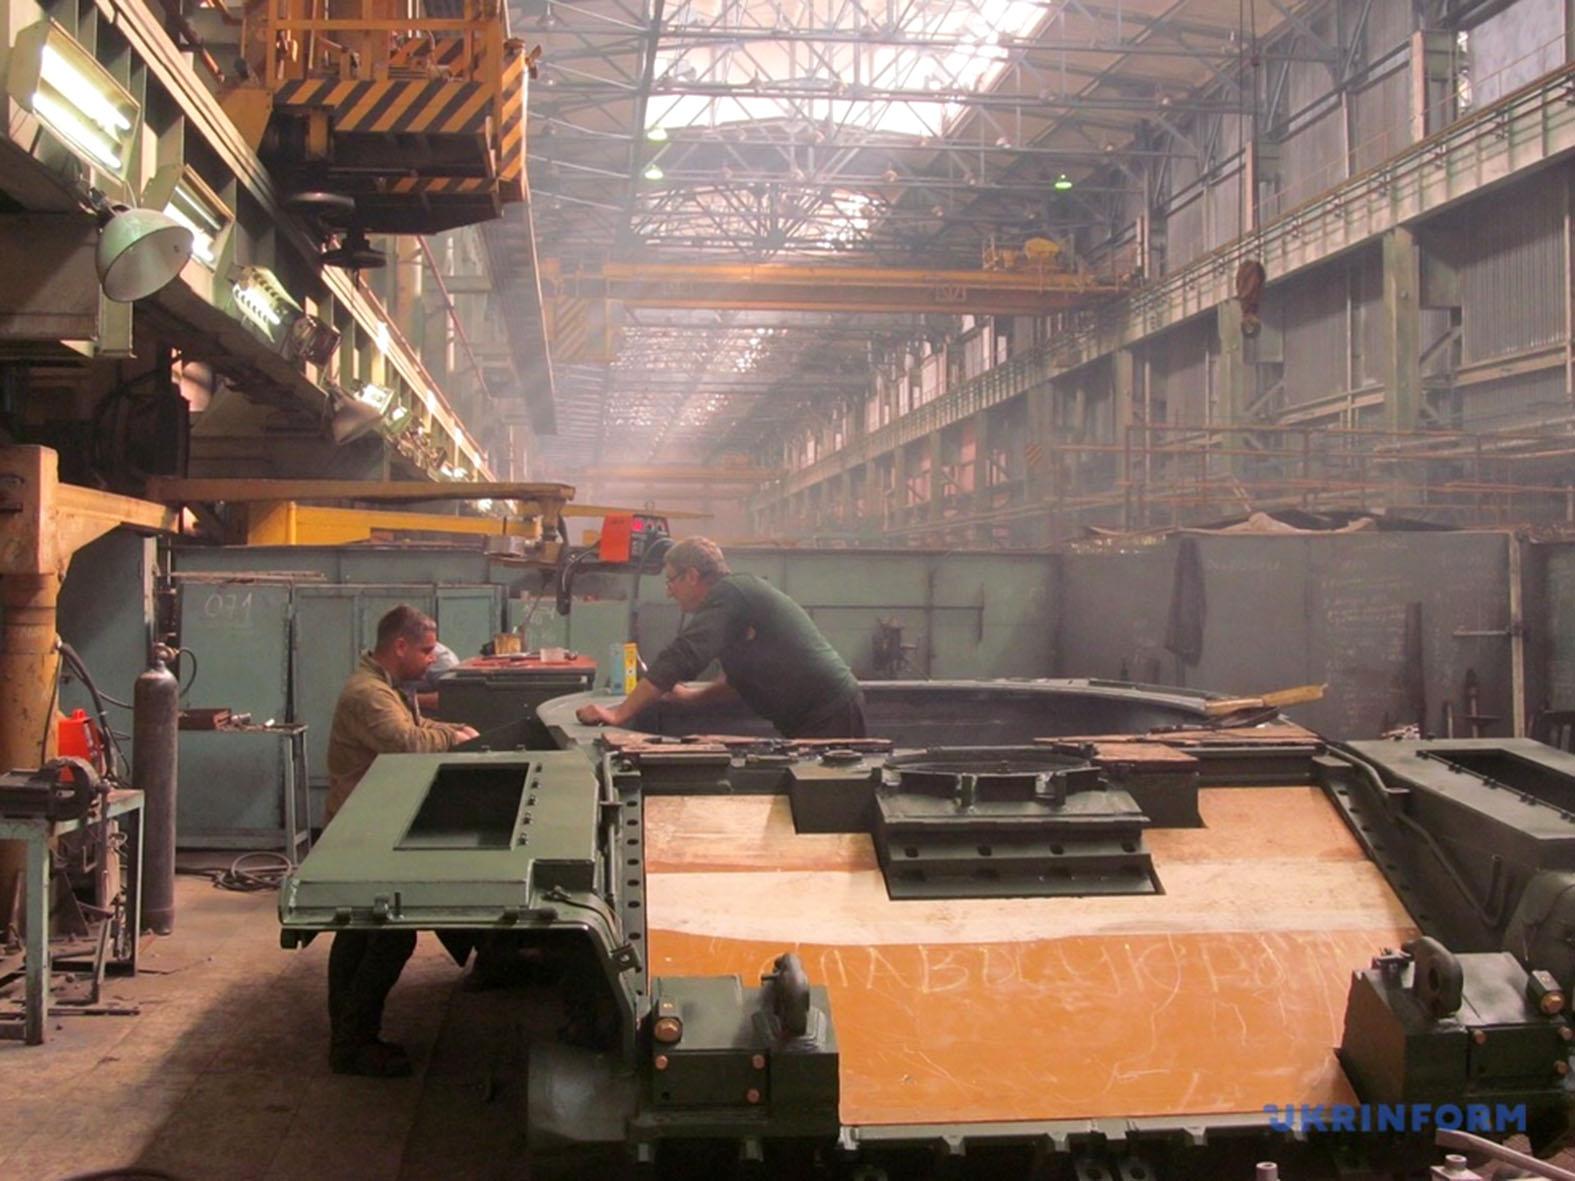 Jól jelképezi a Malisev gyárban uralkodó állapotokat, hogy maga az üzem szinte a szovjet széthullás óta változatlan, sőt inkább romló állapotban van, de a Szlava Ukrainye feliratnak ott kell lennie a frontpáncélon #moszkvater